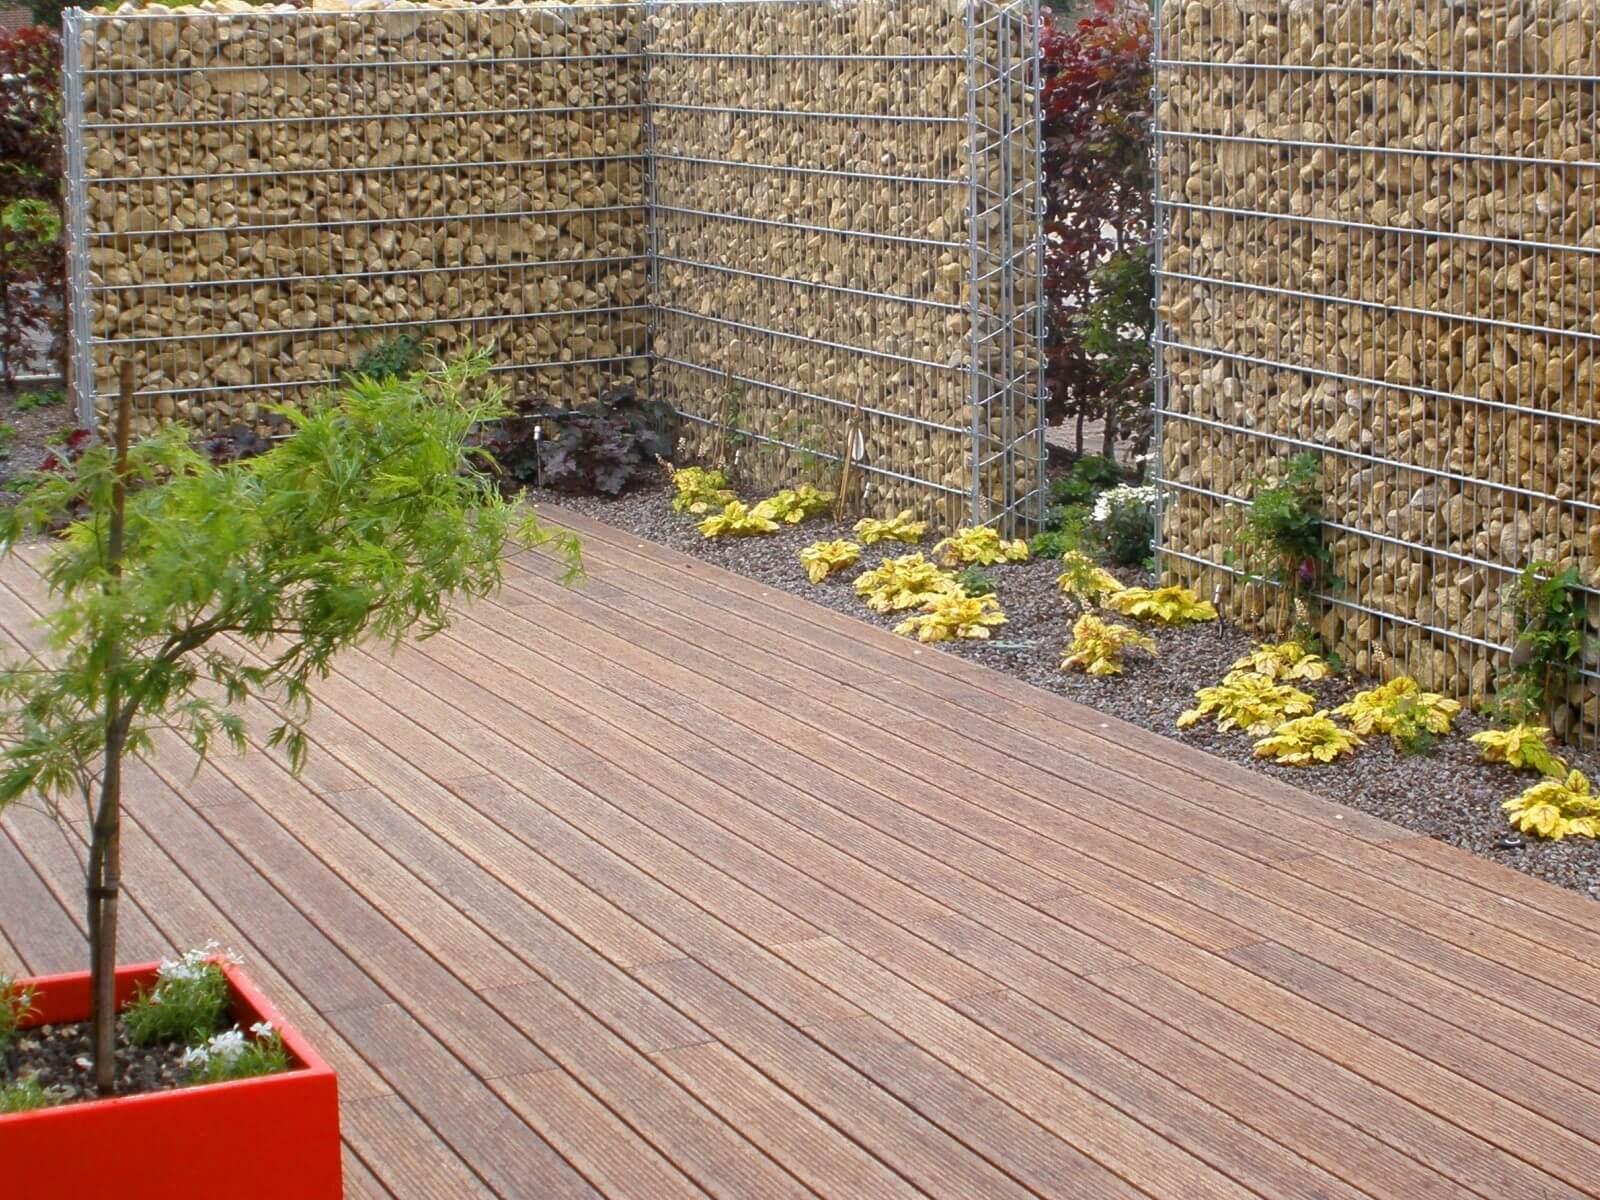 terrasse aus bambus galabau m hler terrassendielen baumbus. Black Bedroom Furniture Sets. Home Design Ideas